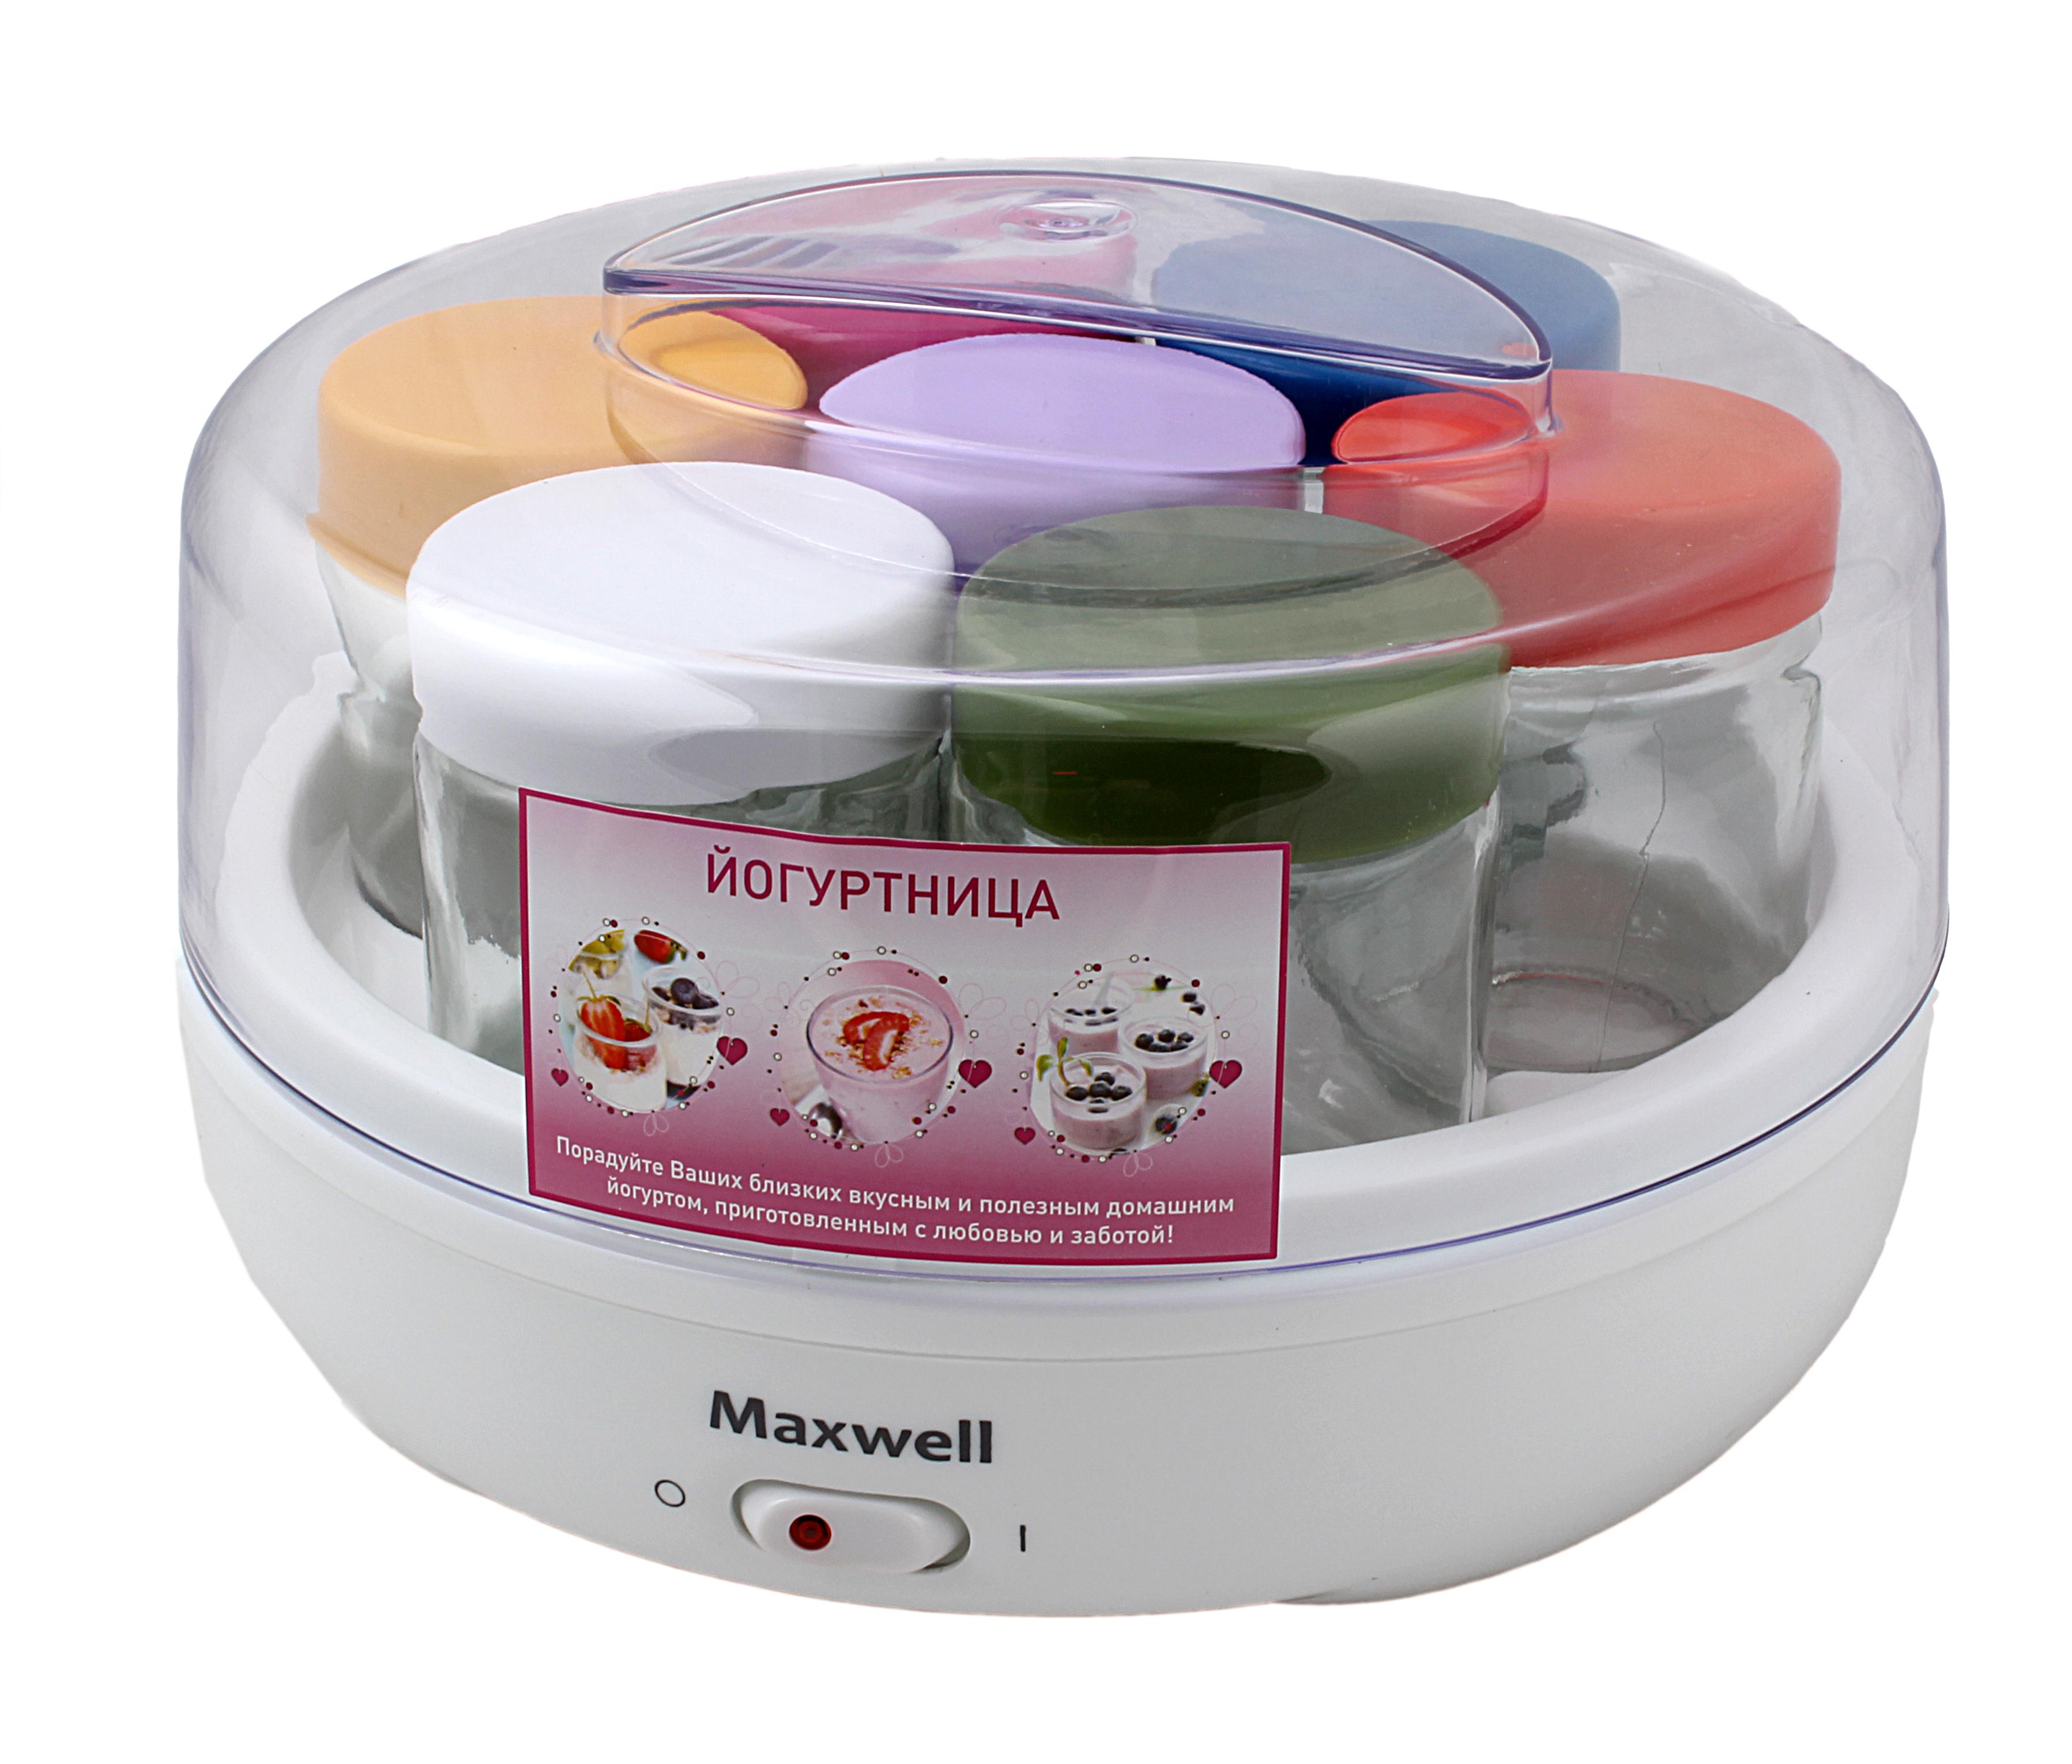 Йогуртницы Maxwell Real Brand Technics 960.000